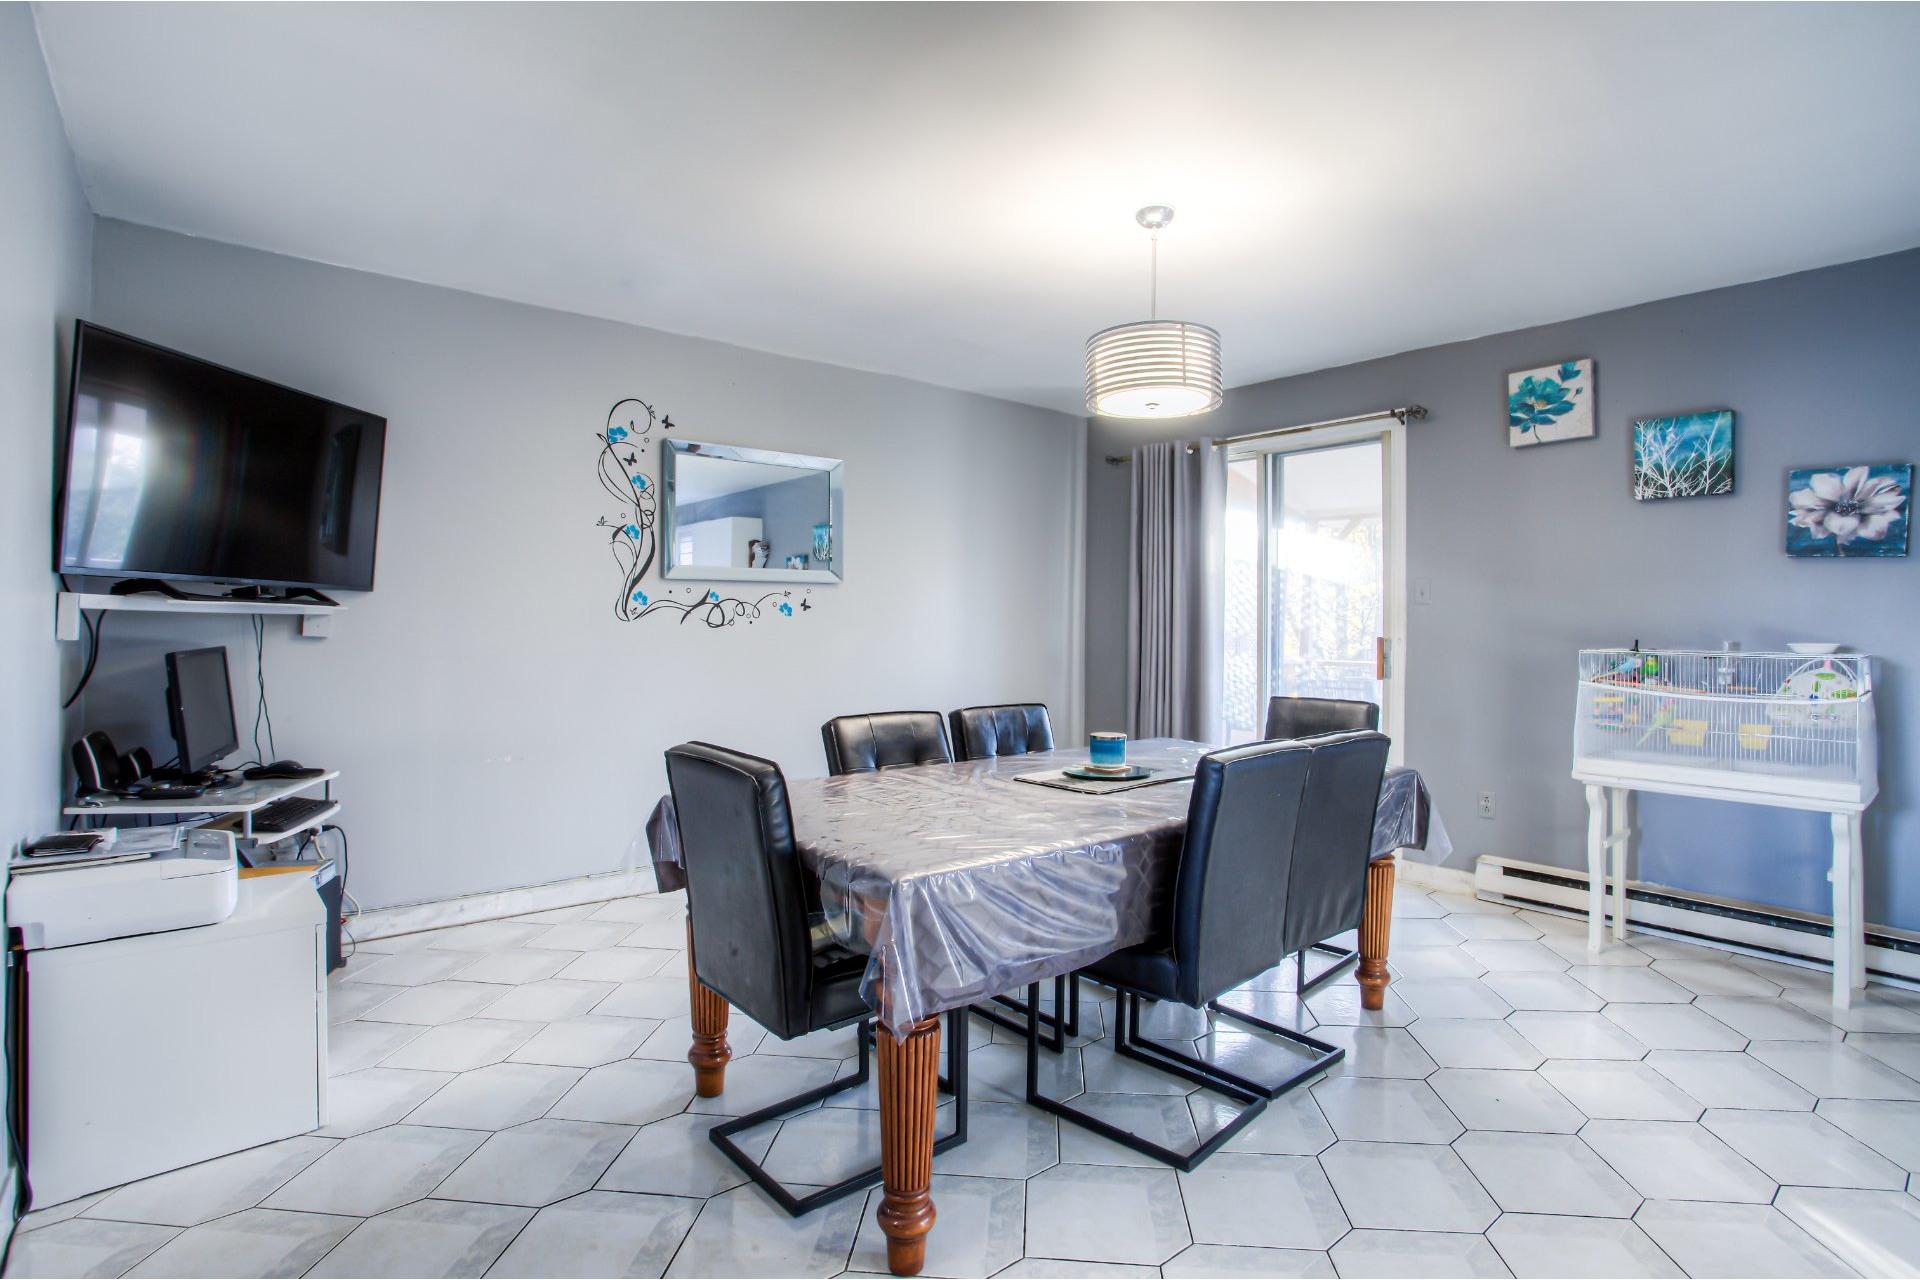 image 7 - Maison À vendre Pierrefonds-Roxboro Montréal  - 8 pièces